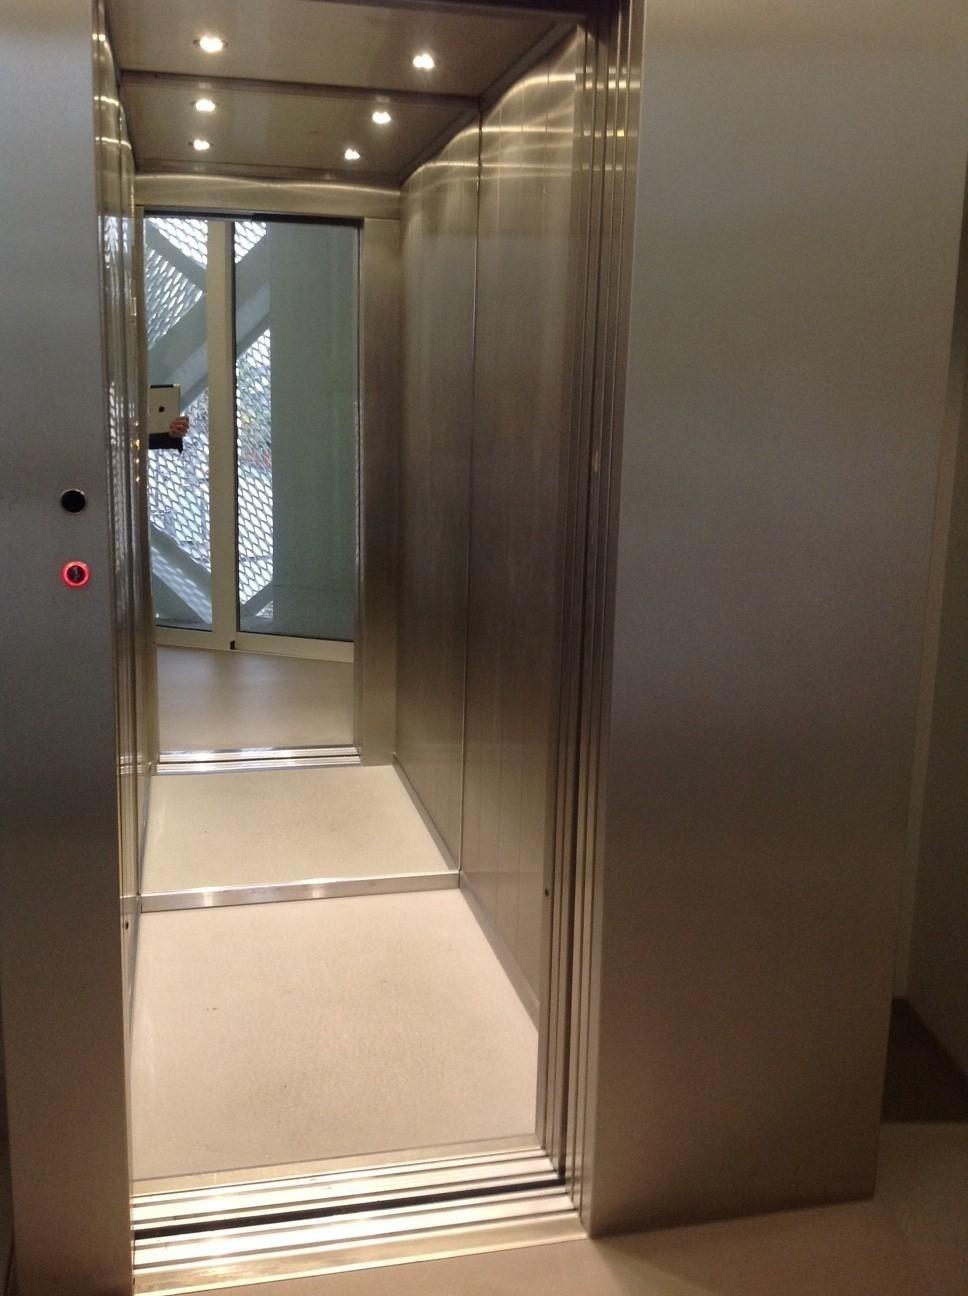 cabina di ascensore con specchio a tutta parete